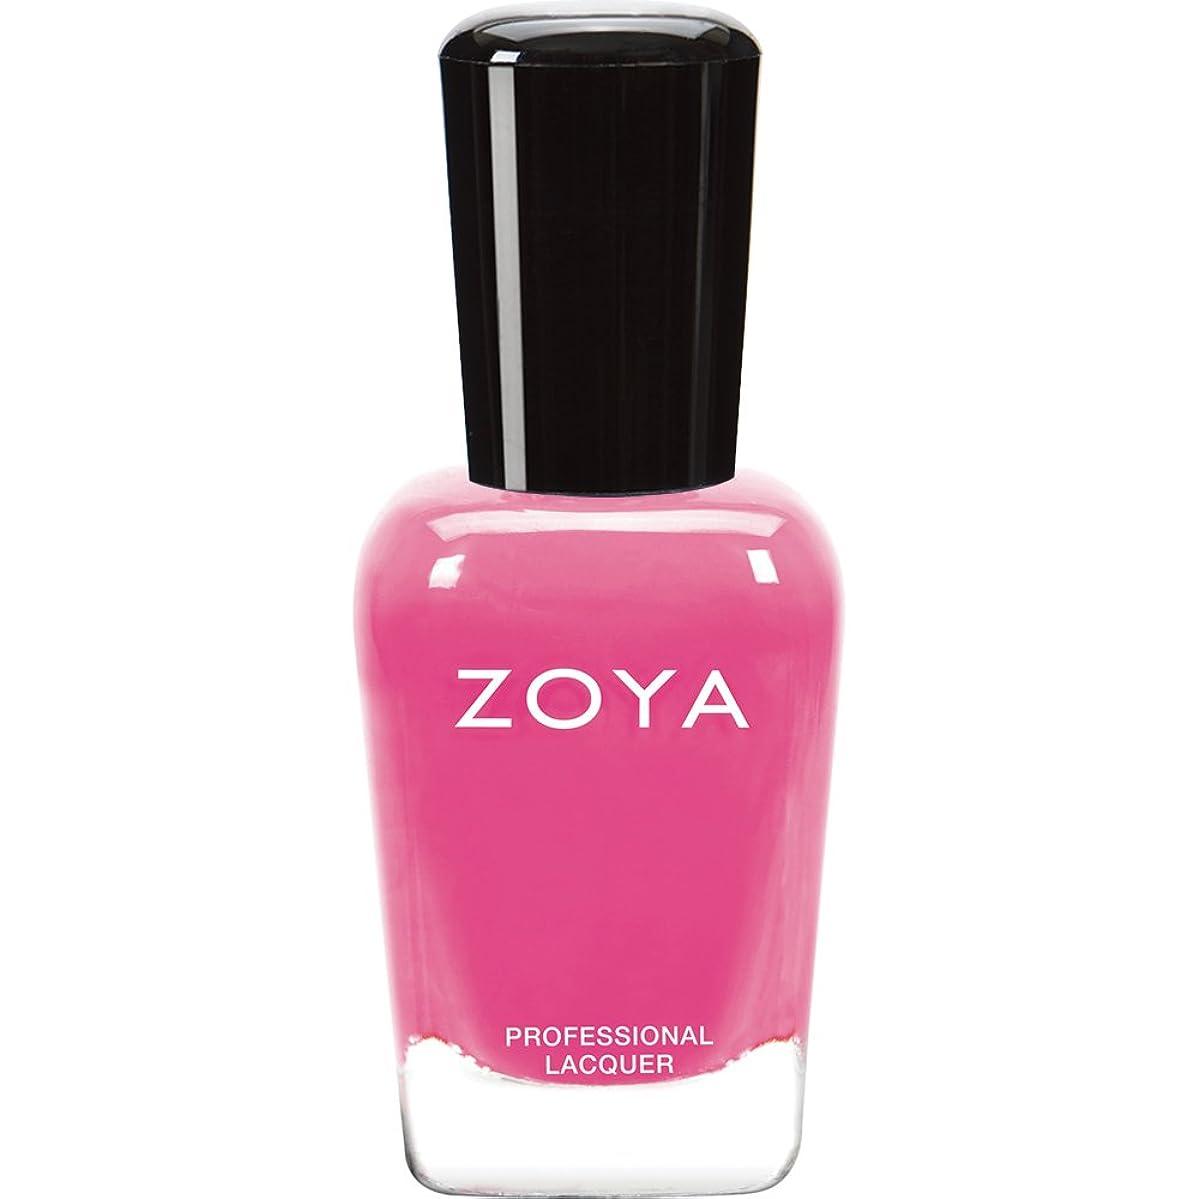 ZOYA ゾーヤ ネイルカラー ZP732 Rooney ルーニー 15ml  Tickled&Bubbly 2014 Summer Collection マゼンタピンククリーム マット 爪にやさしいネイルラッカーマニキュア